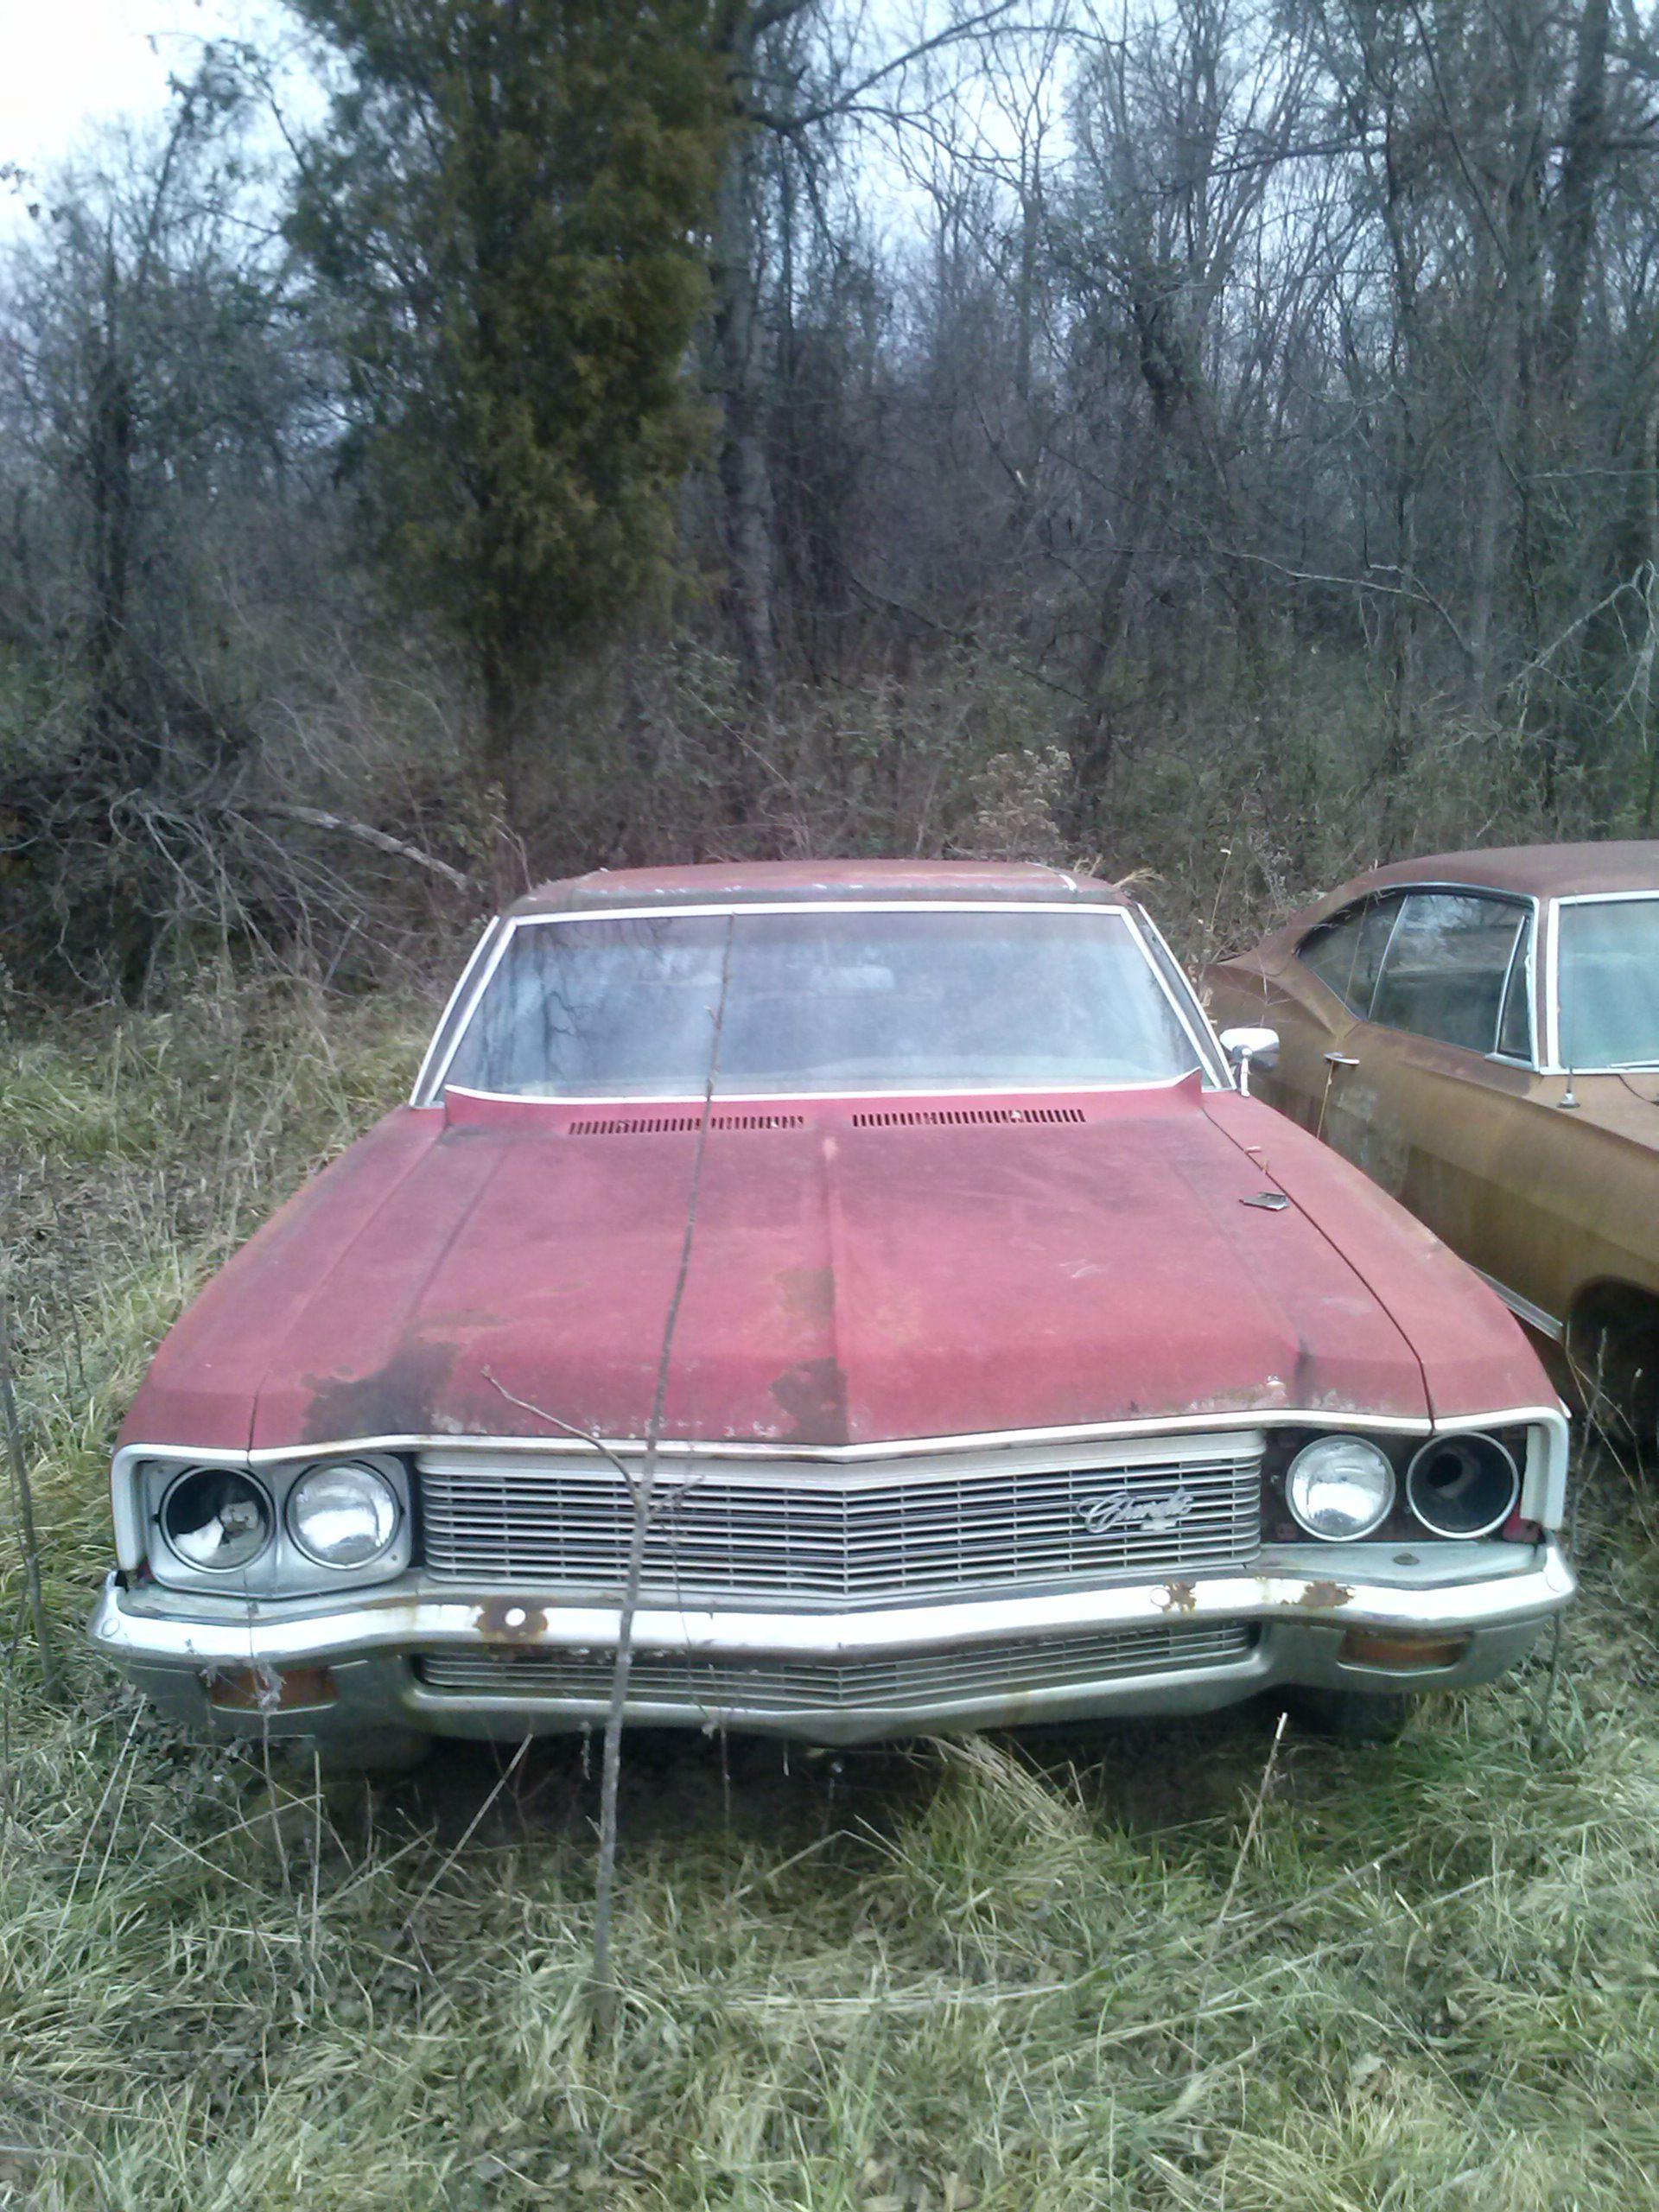 Chevy Impala 2 Door Located In Van Buren Arkansas Tripper S Travels